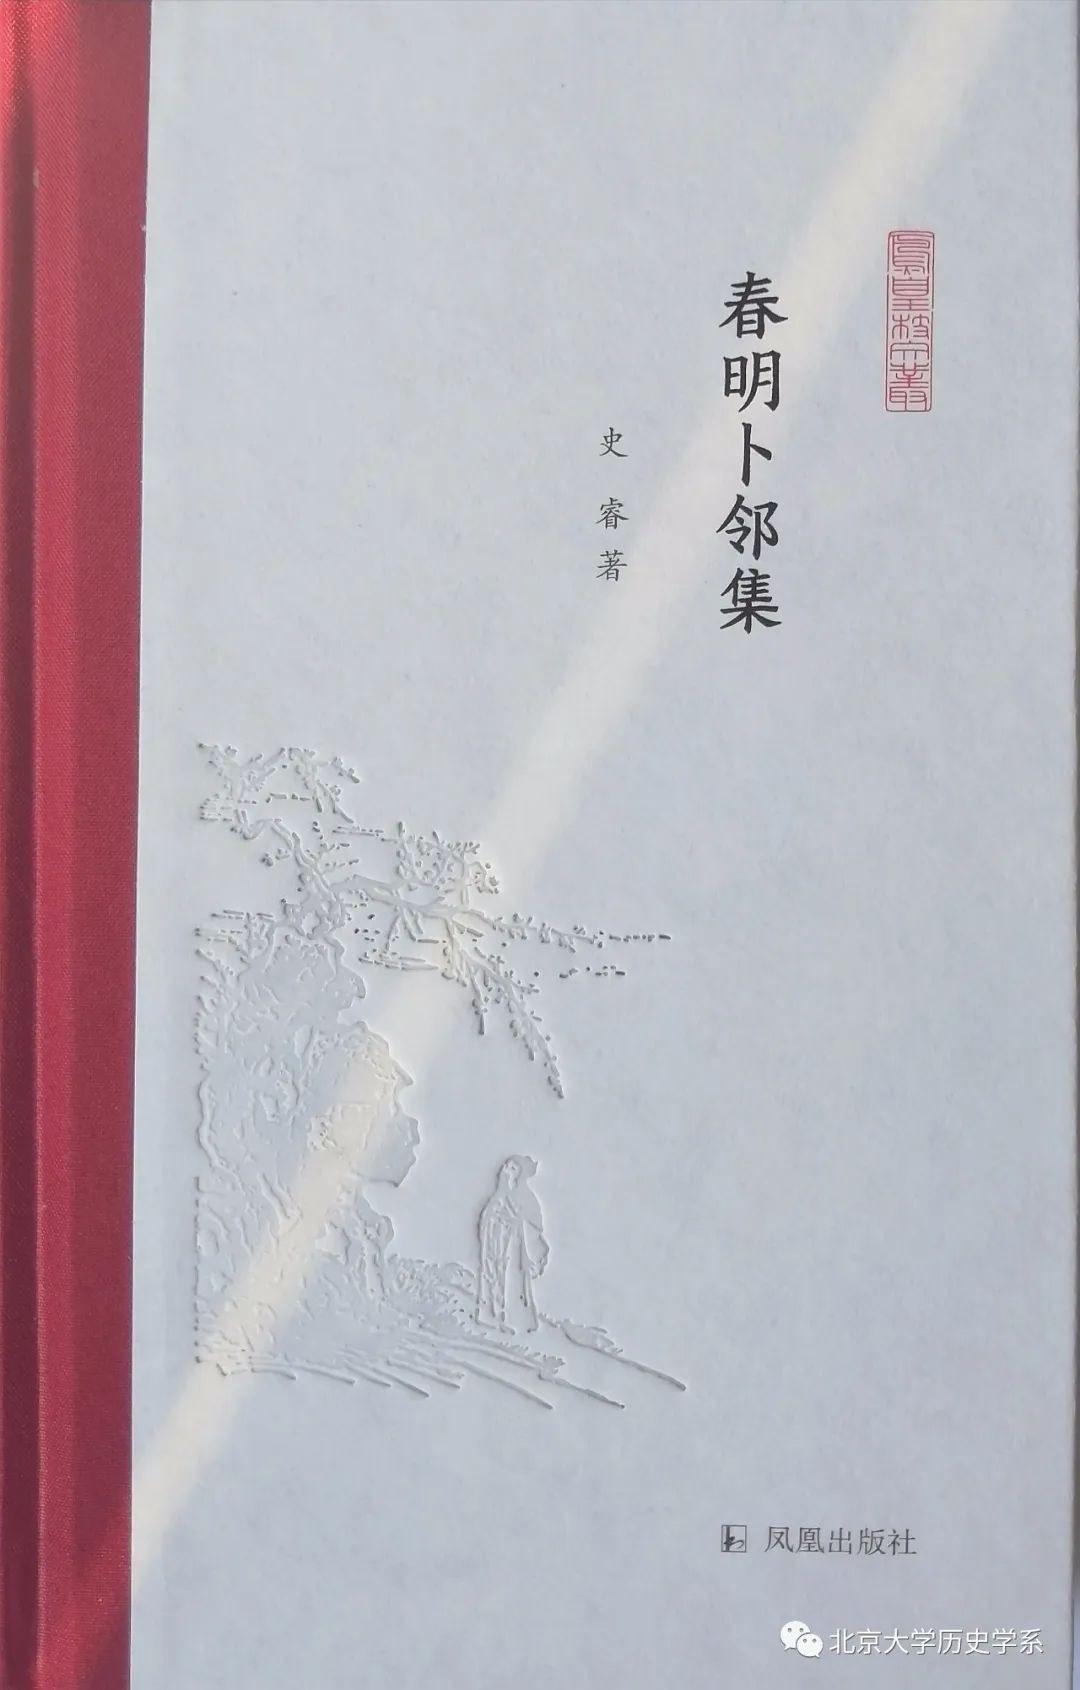 《春明卜邻集》,史睿著,凤凰出版社2020年6月版,296页,68.00元